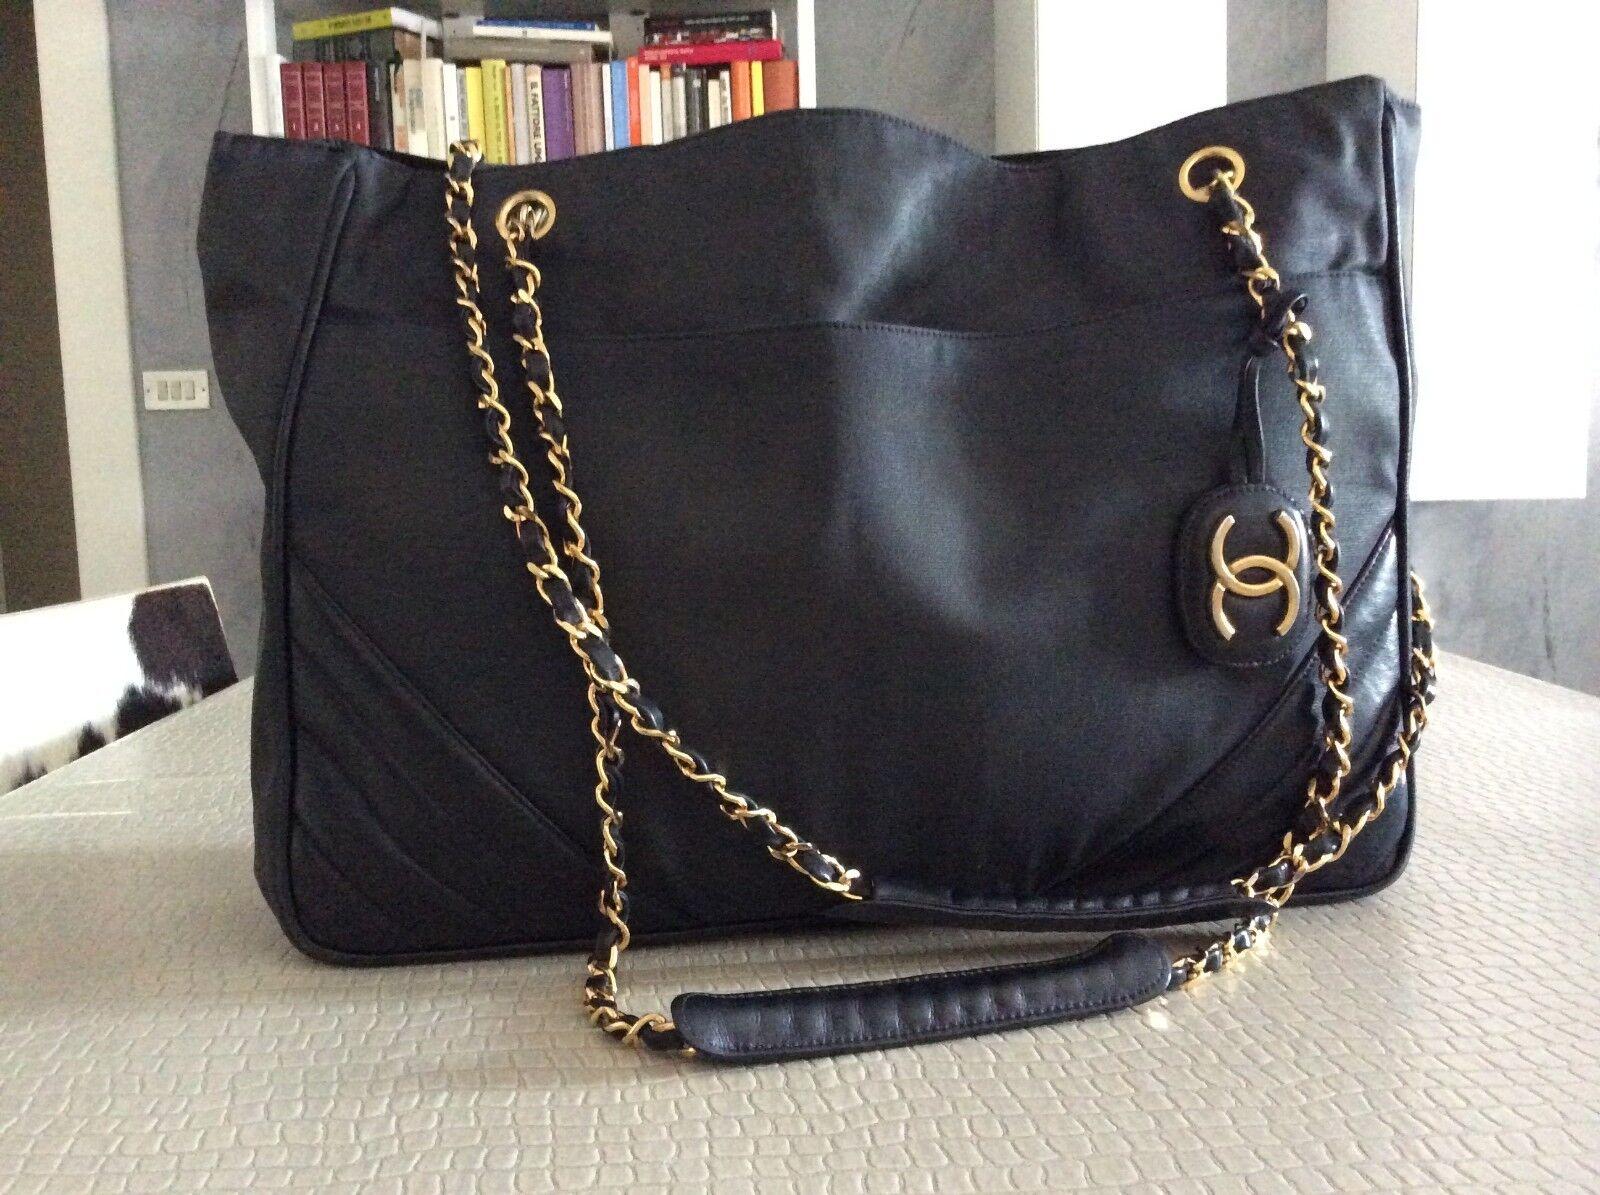 Borse Chanel In Vendita.Borsa Chanel Annunci In Tutta Italia Kijiji Annunci Di Ebay